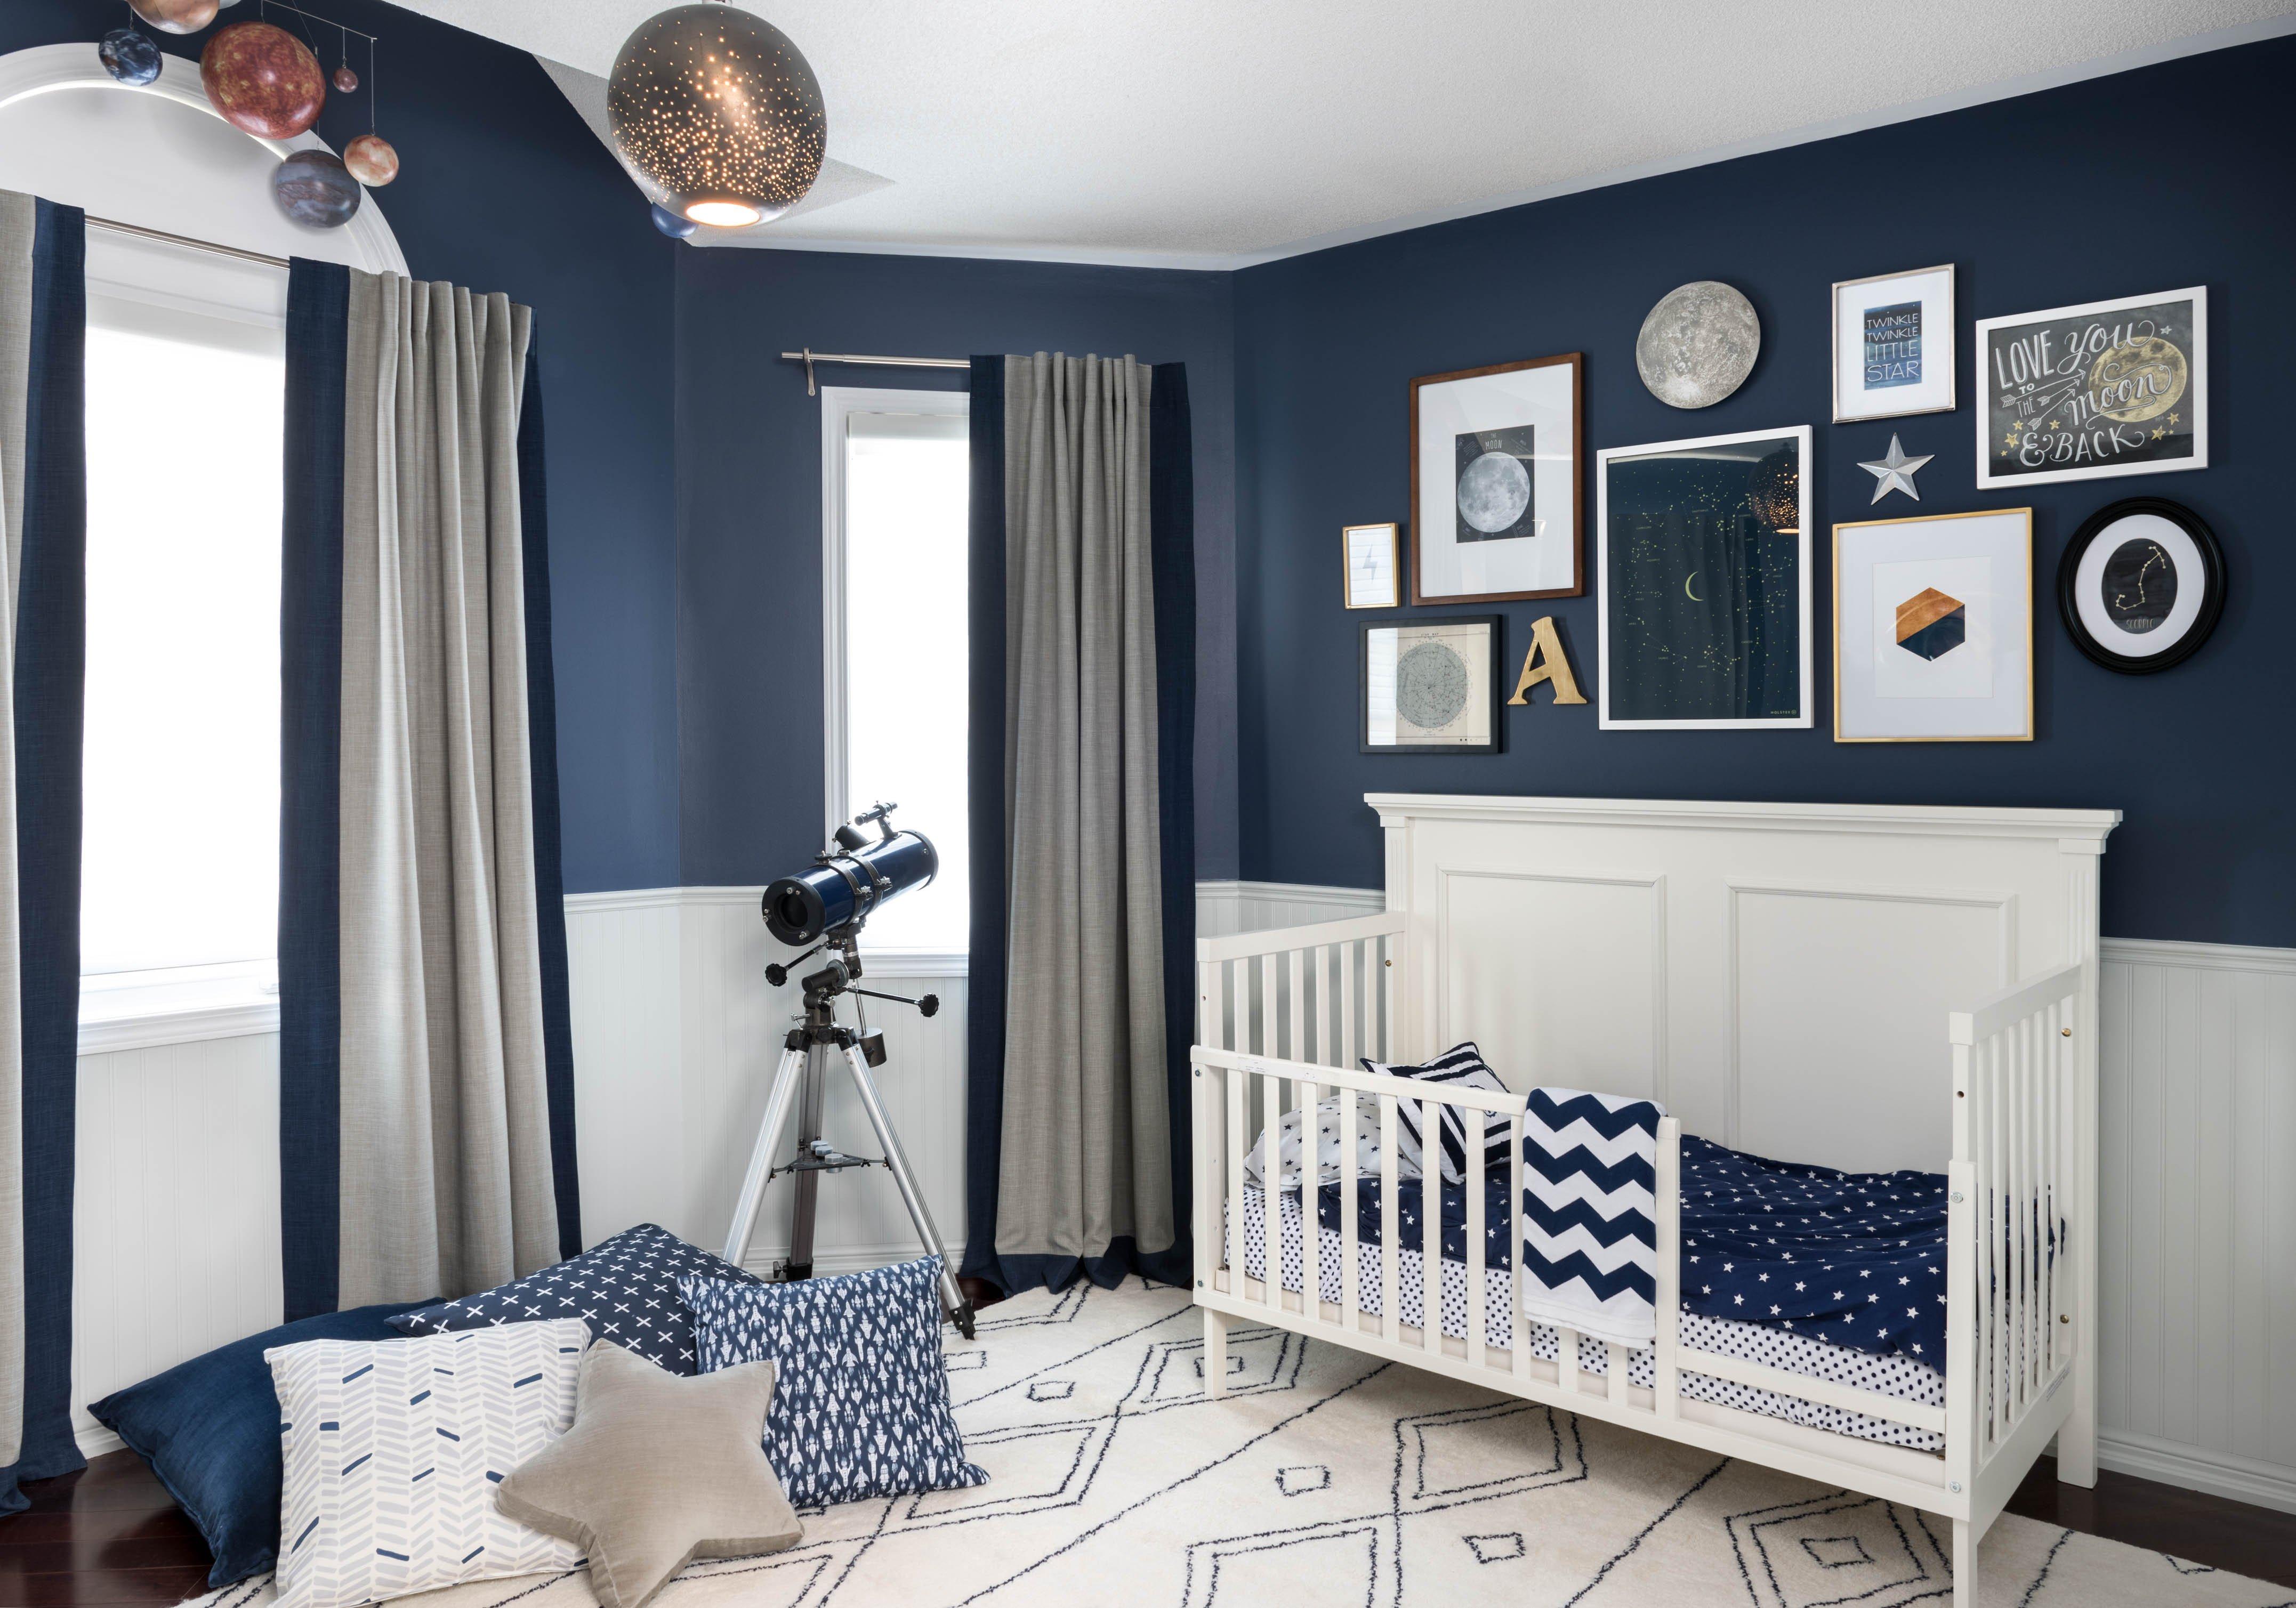 Room Decor Ideas for Boys Awesome Celestial Inspired Boys Room Project Nursery